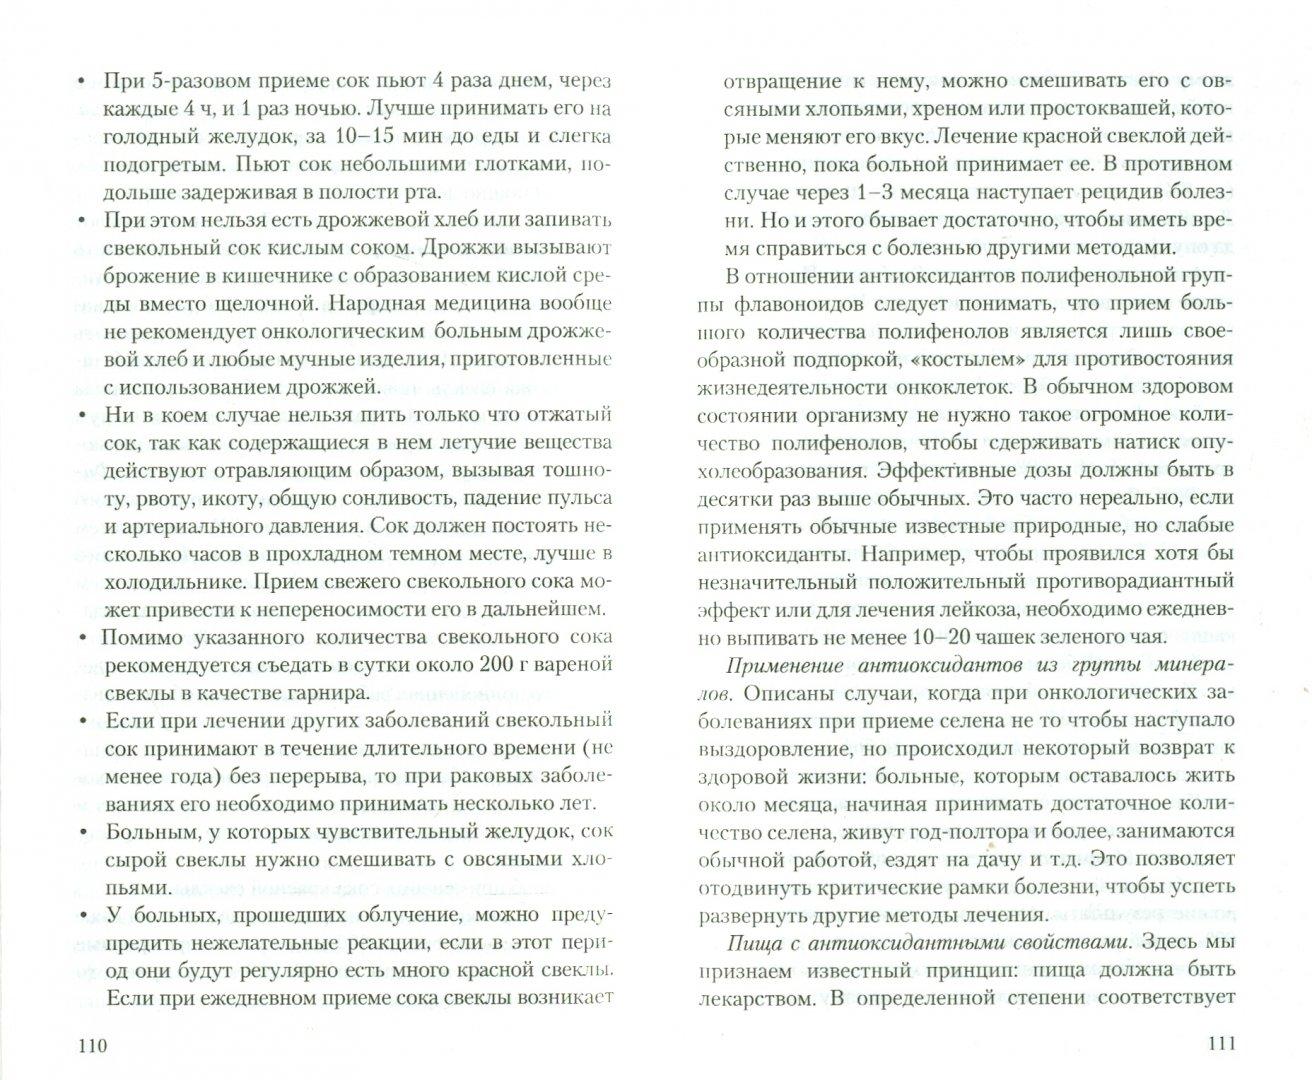 Иллюстрация 1 из 16 для Рак. Технология исцеления - Геннадий Гарбузов   Лабиринт - книги. Источник: Лабиринт